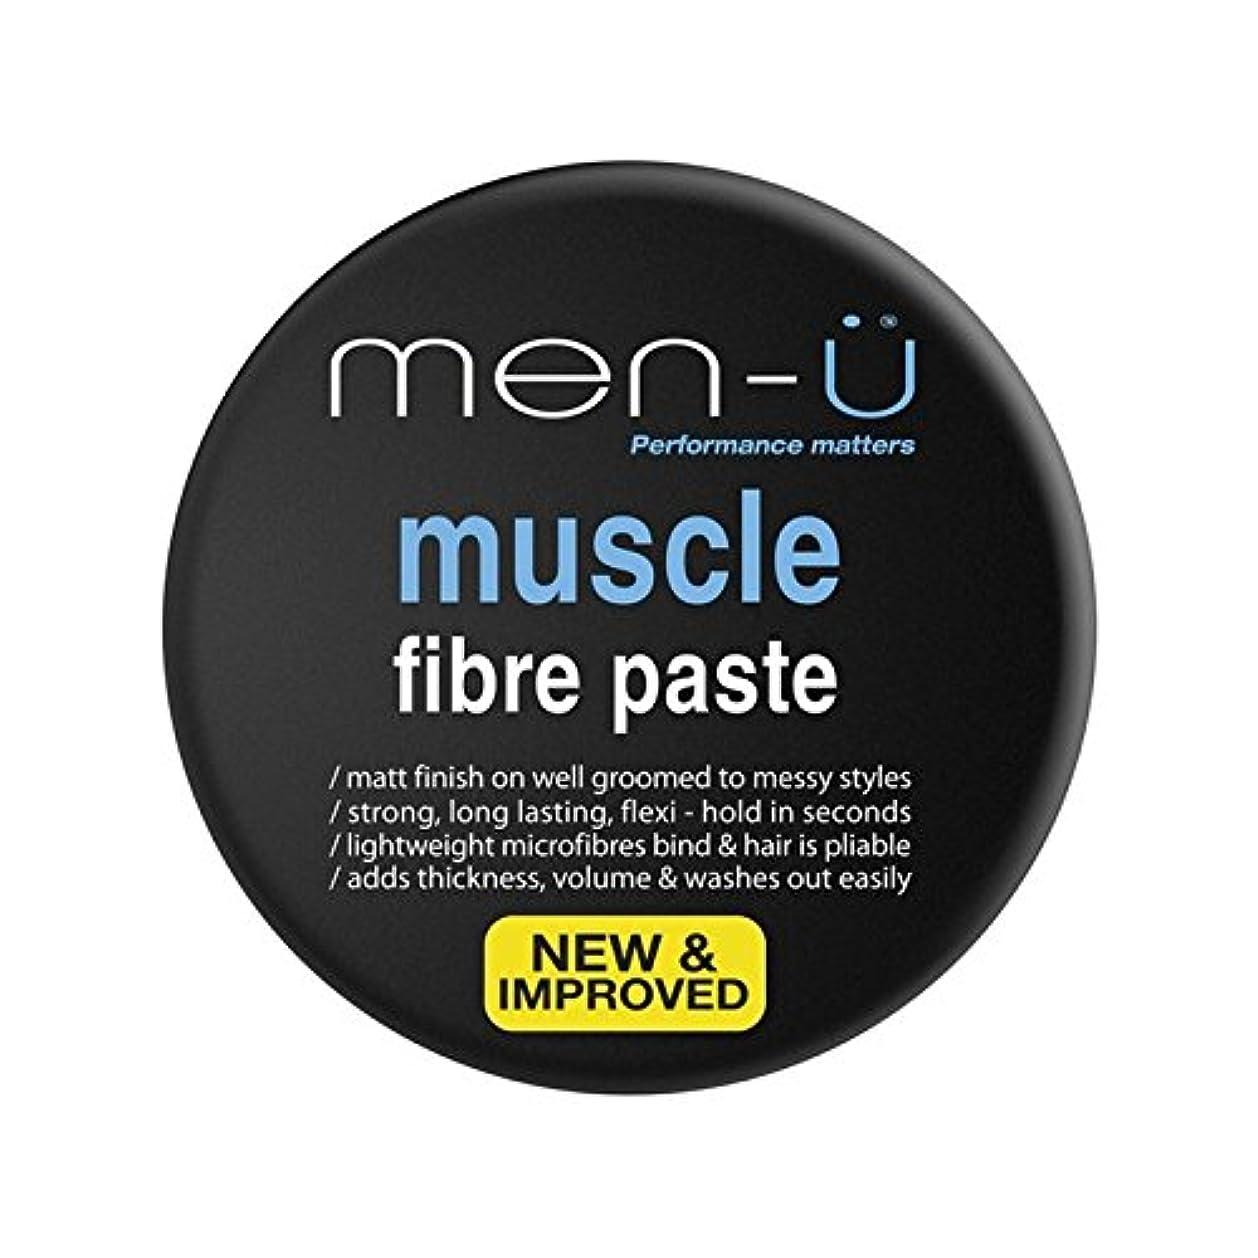 キルト先例商品Men-? Muscle Fibre Paste (100ml) (Pack of 6) - 男性-?筋線維ペースト(100ミリリットル) x6 [並行輸入品]